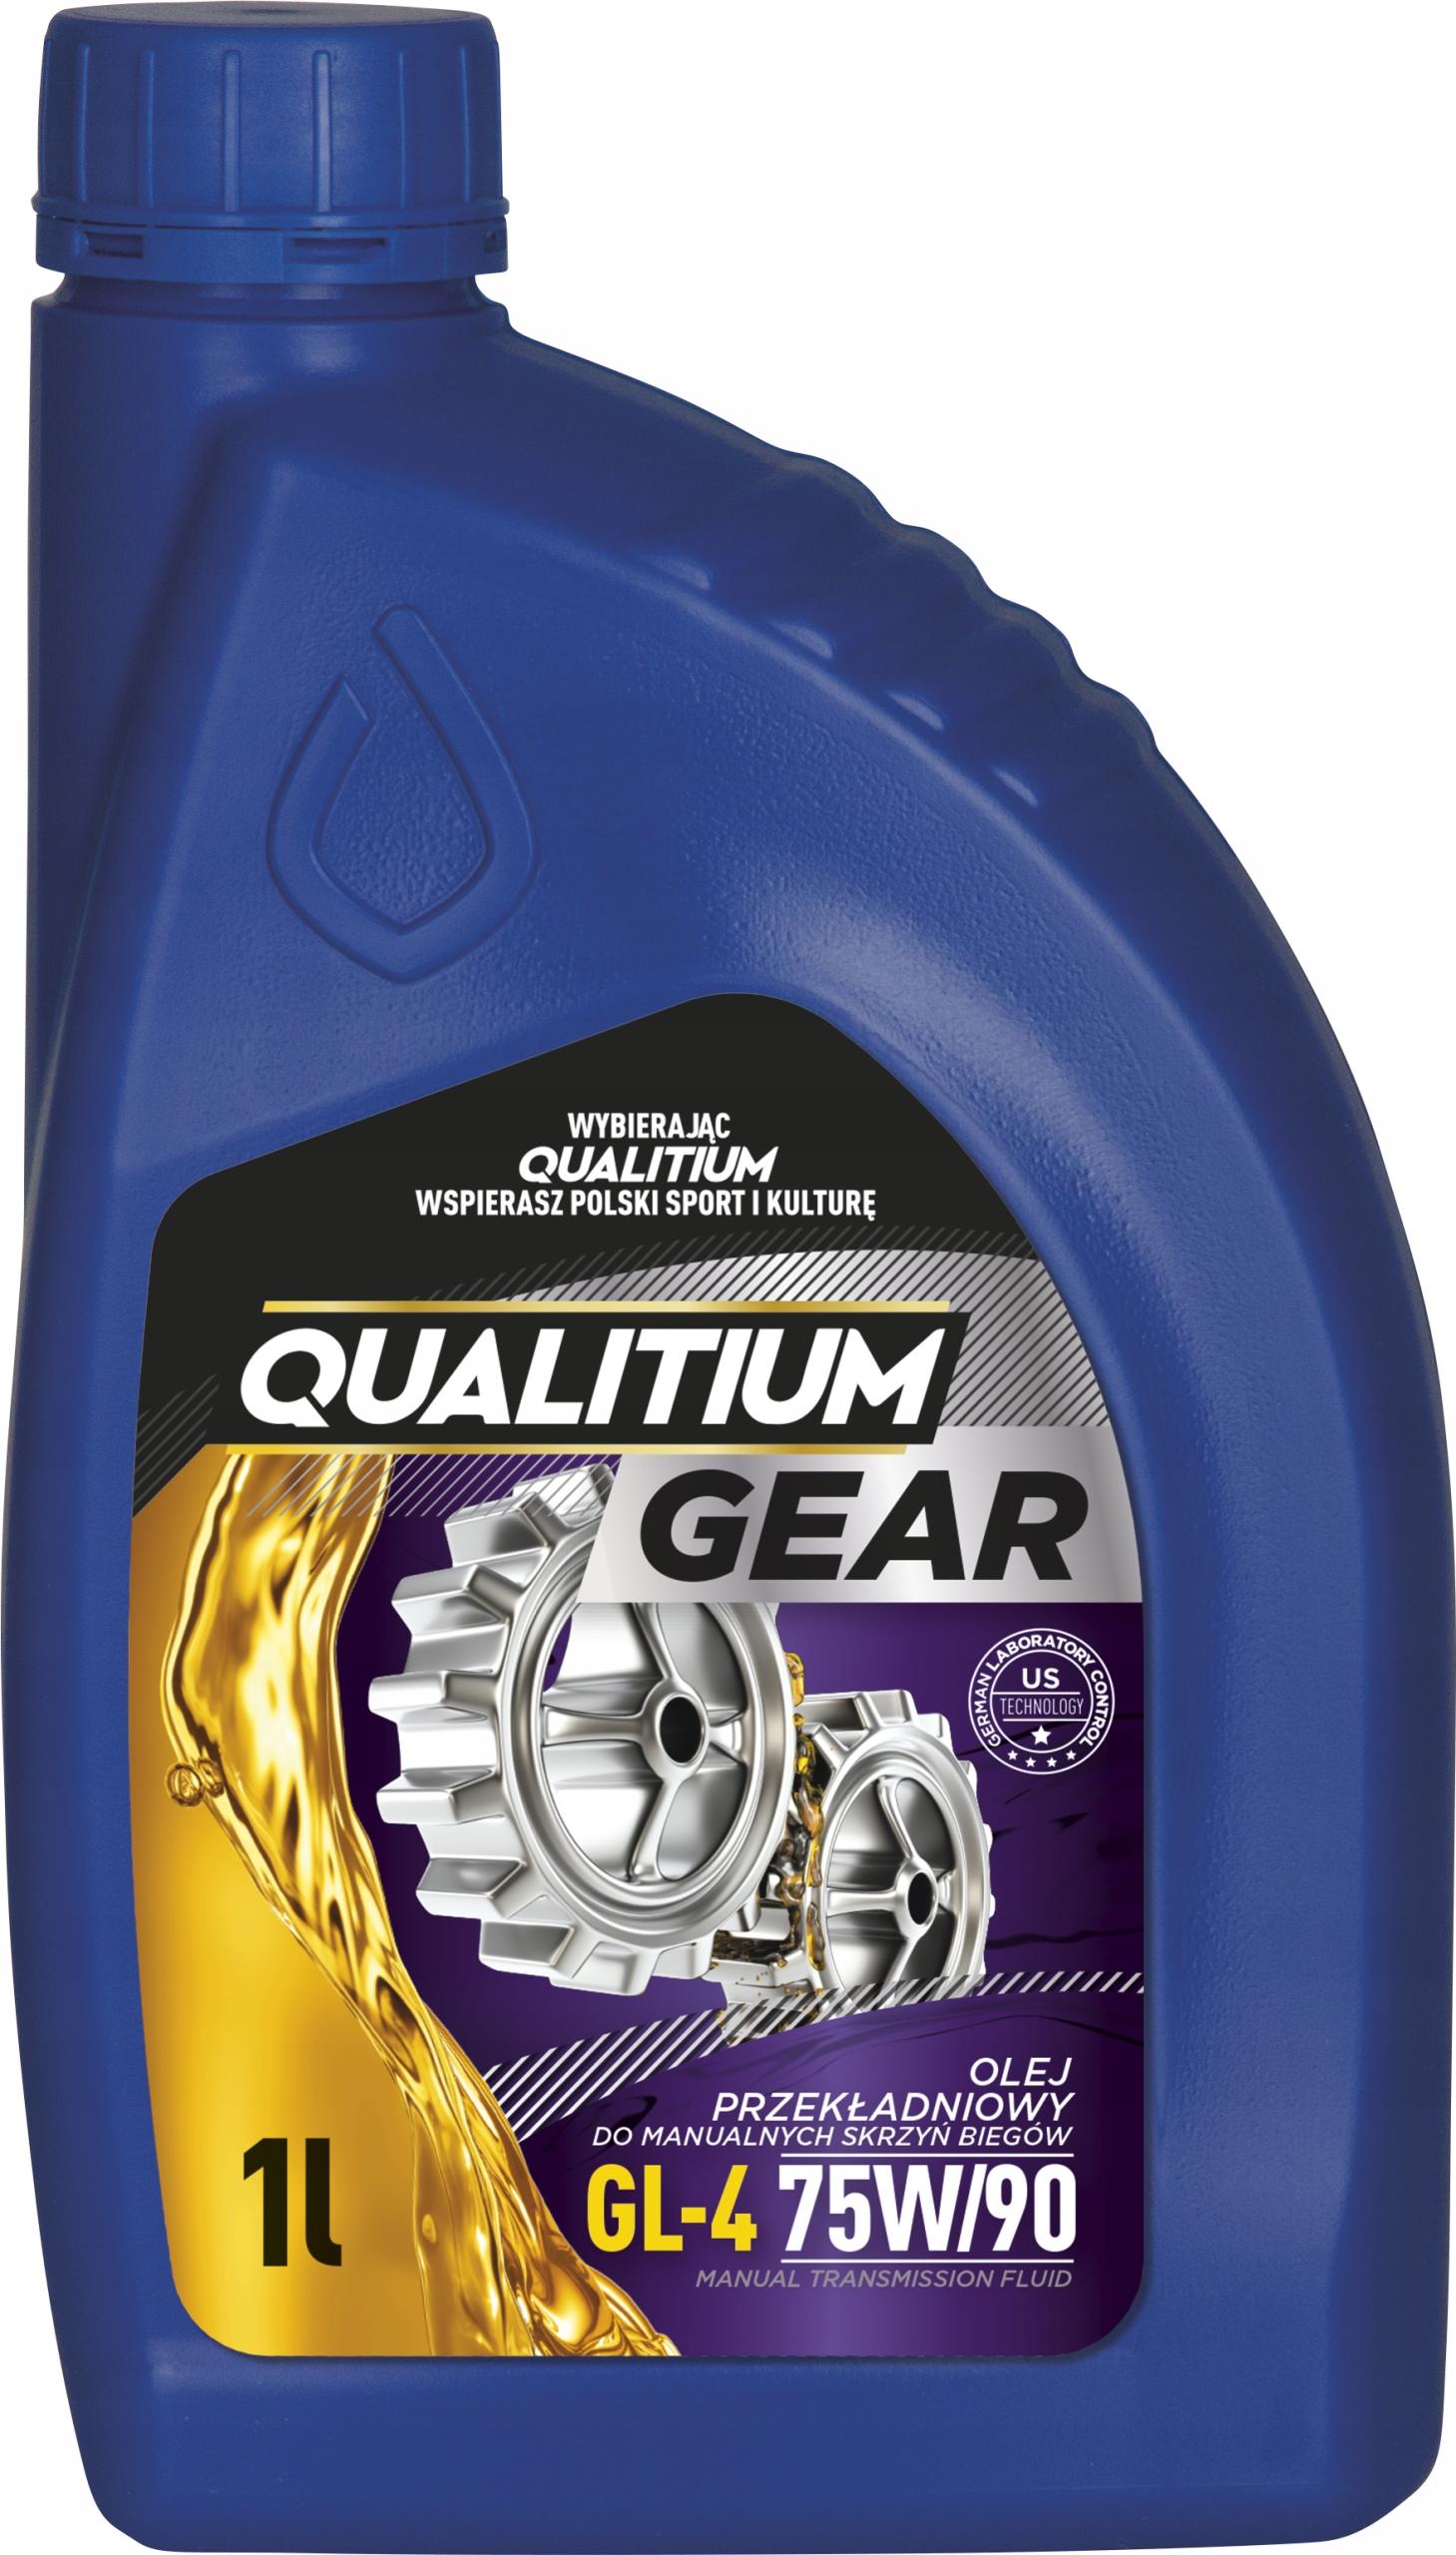 QUALITIUM Gear GL 4 75W 90 1L Трансмиссионное масло